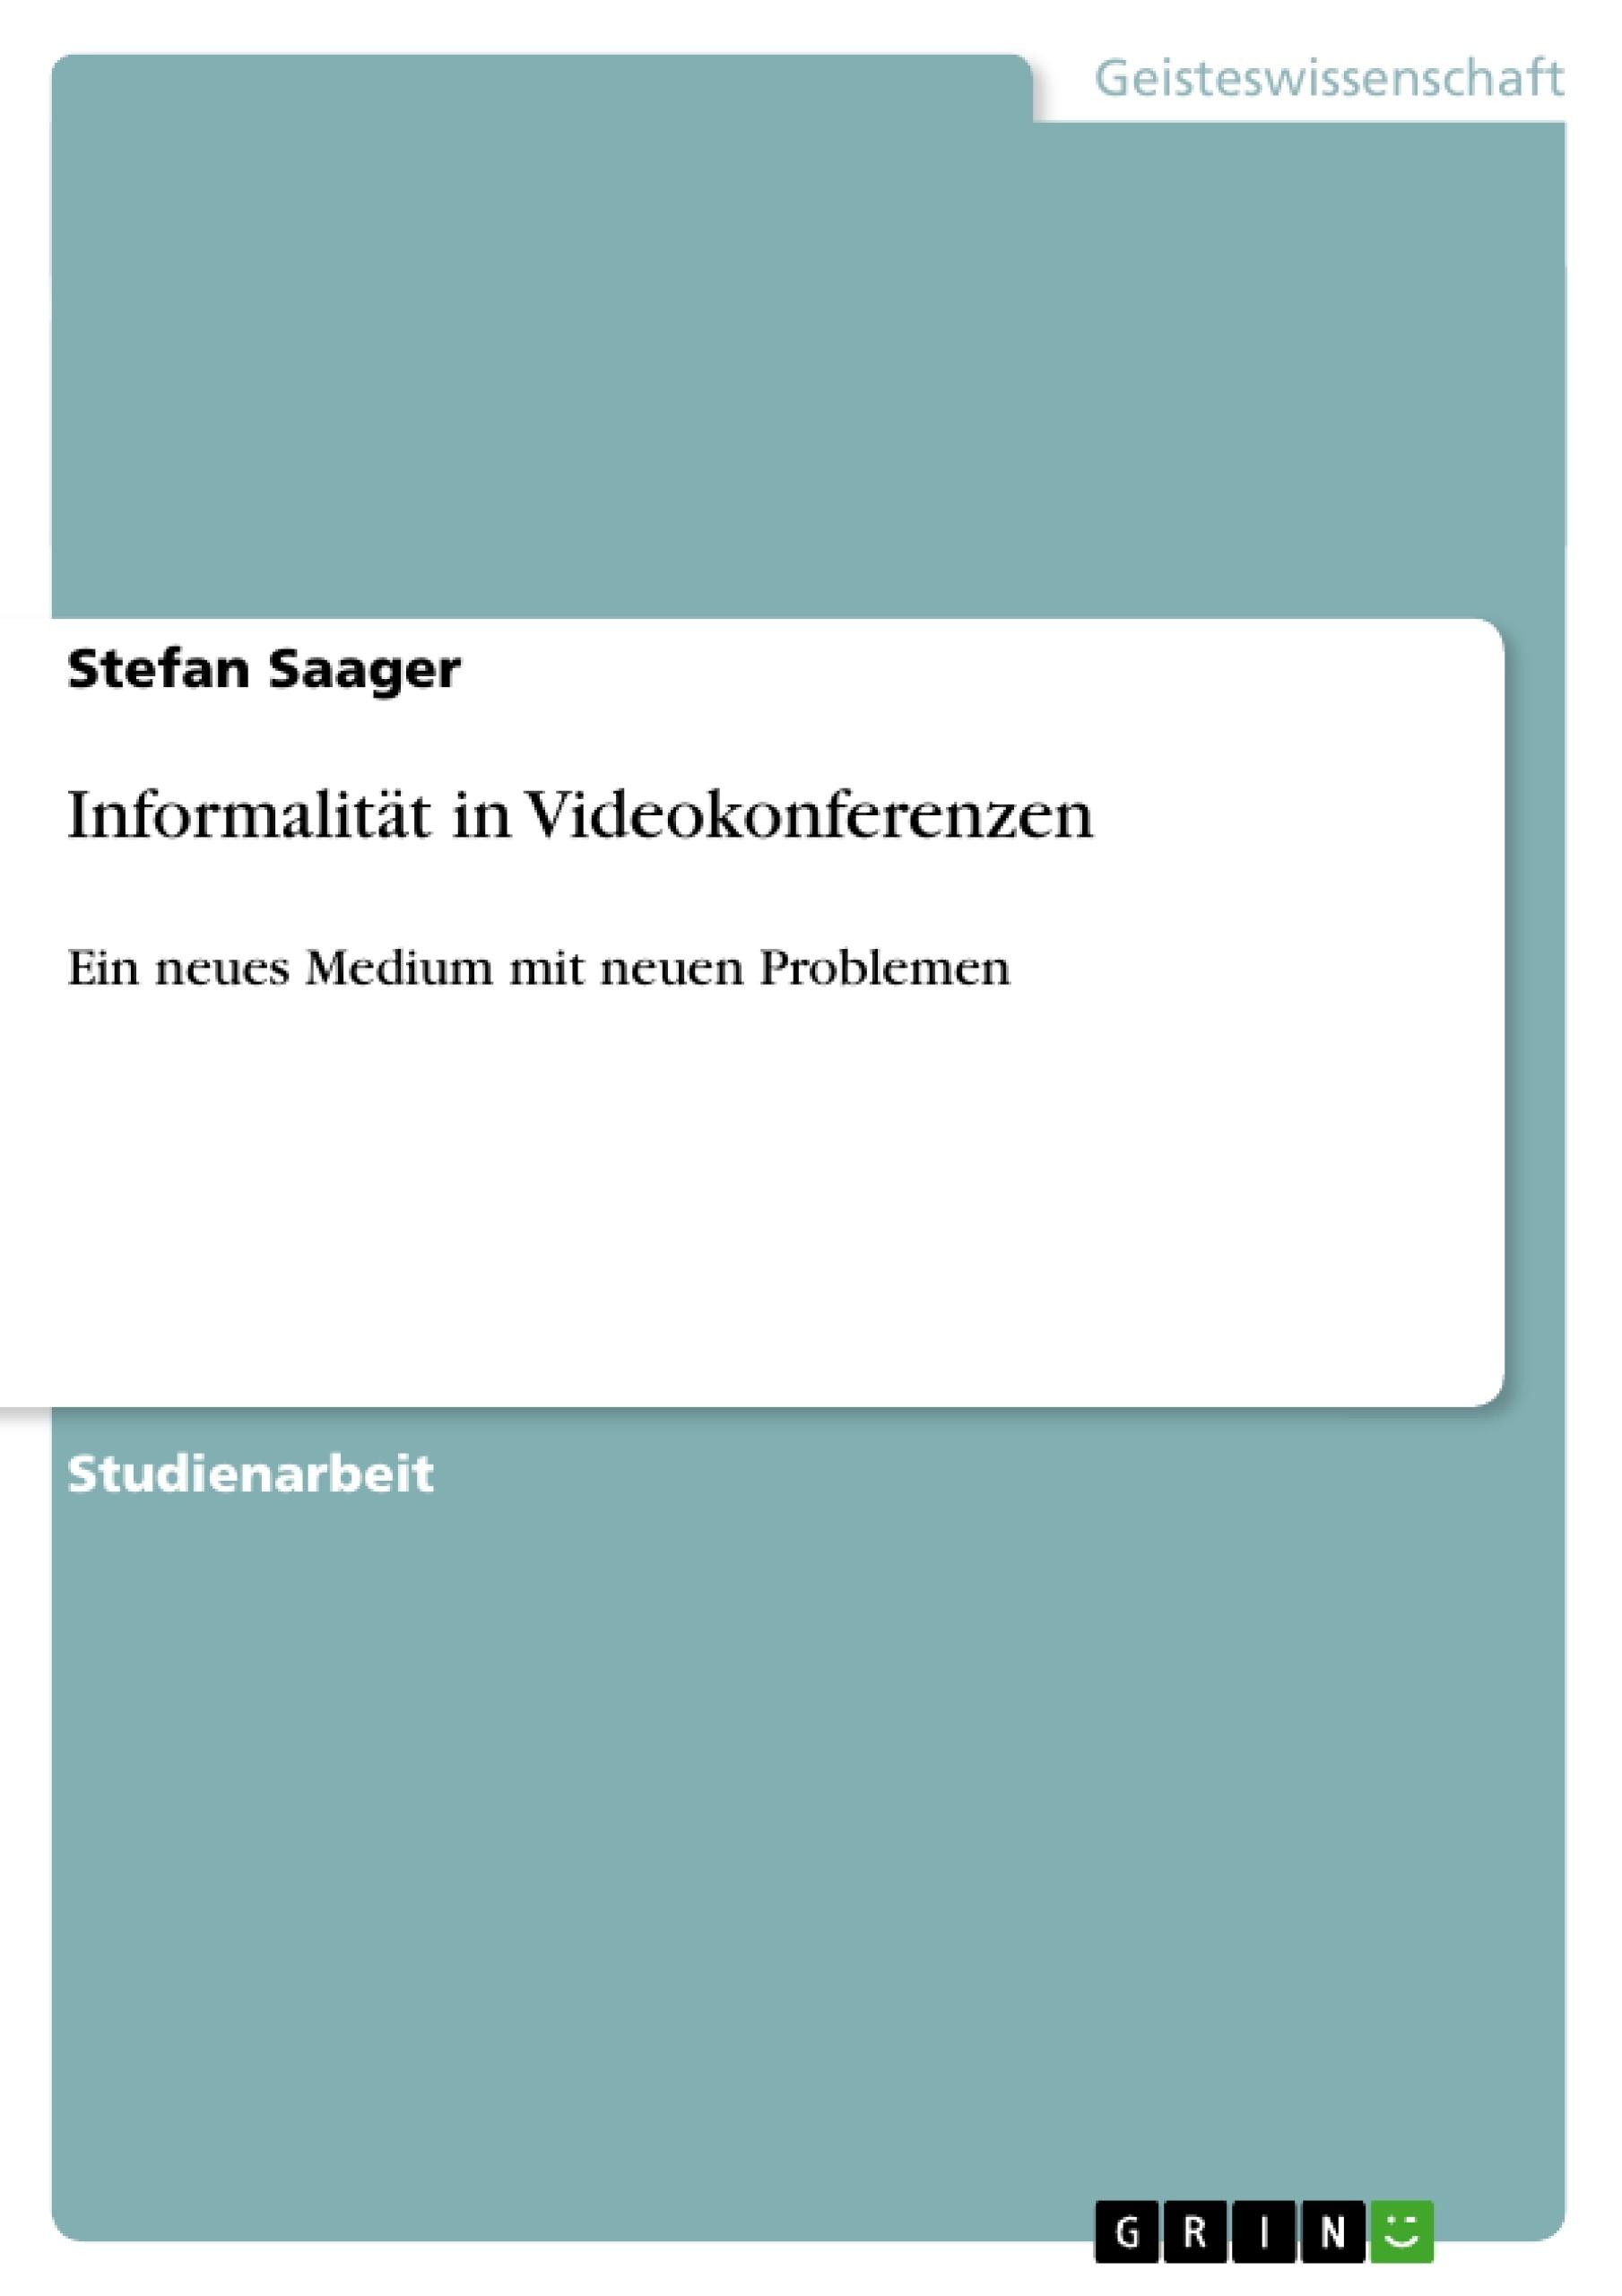 Titel: Informalität in Videokonferenzen